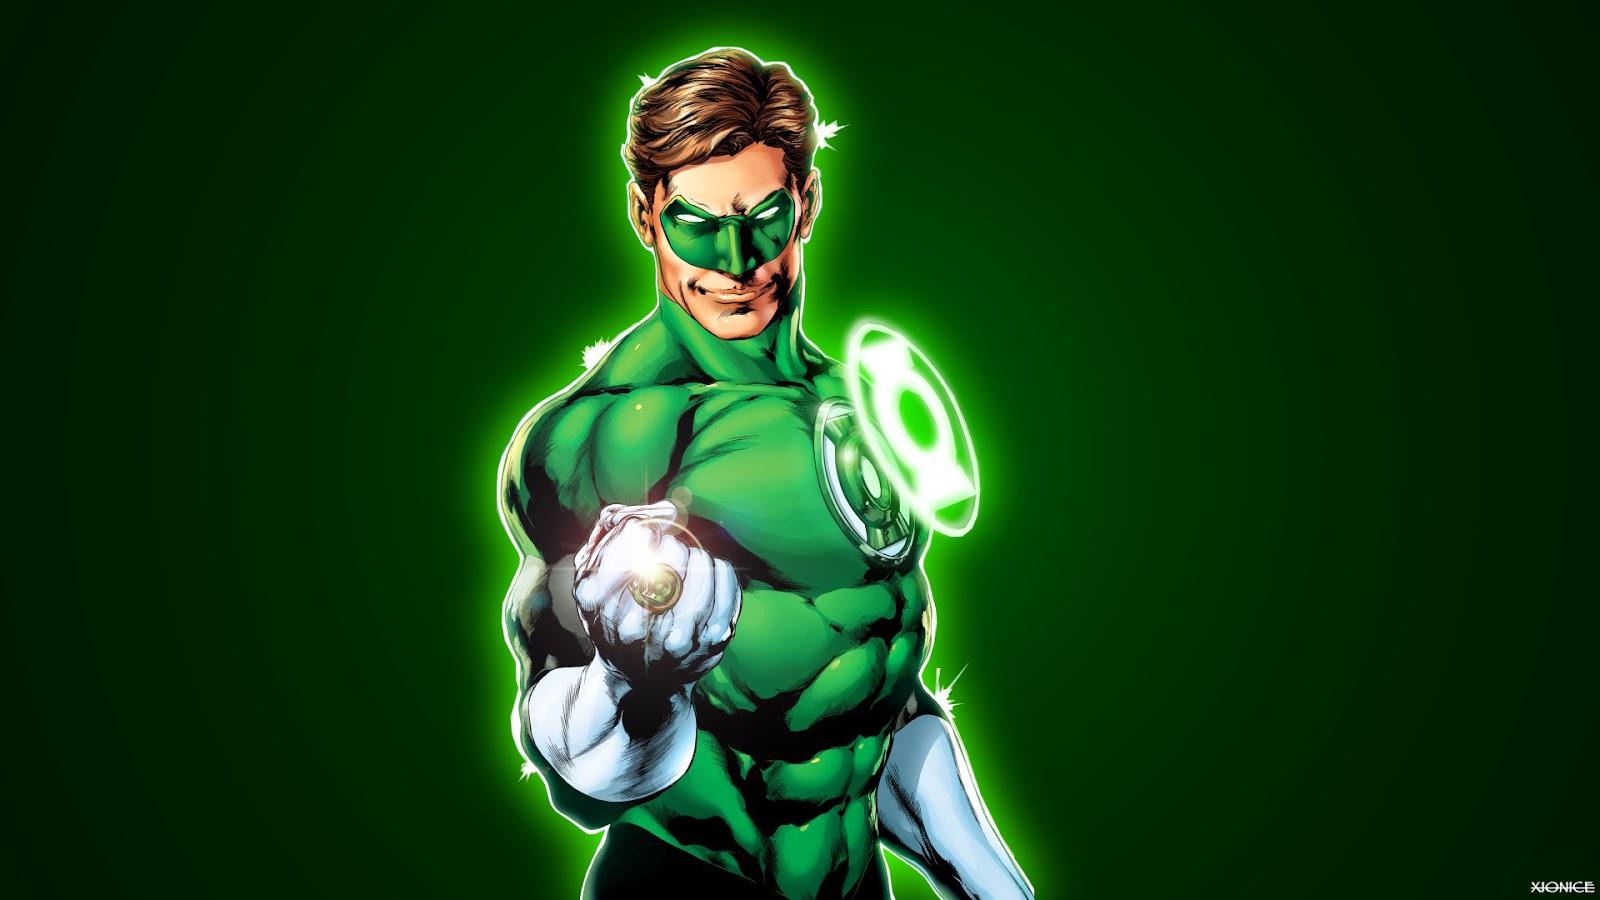 Green Lanterd DC Wallpaper